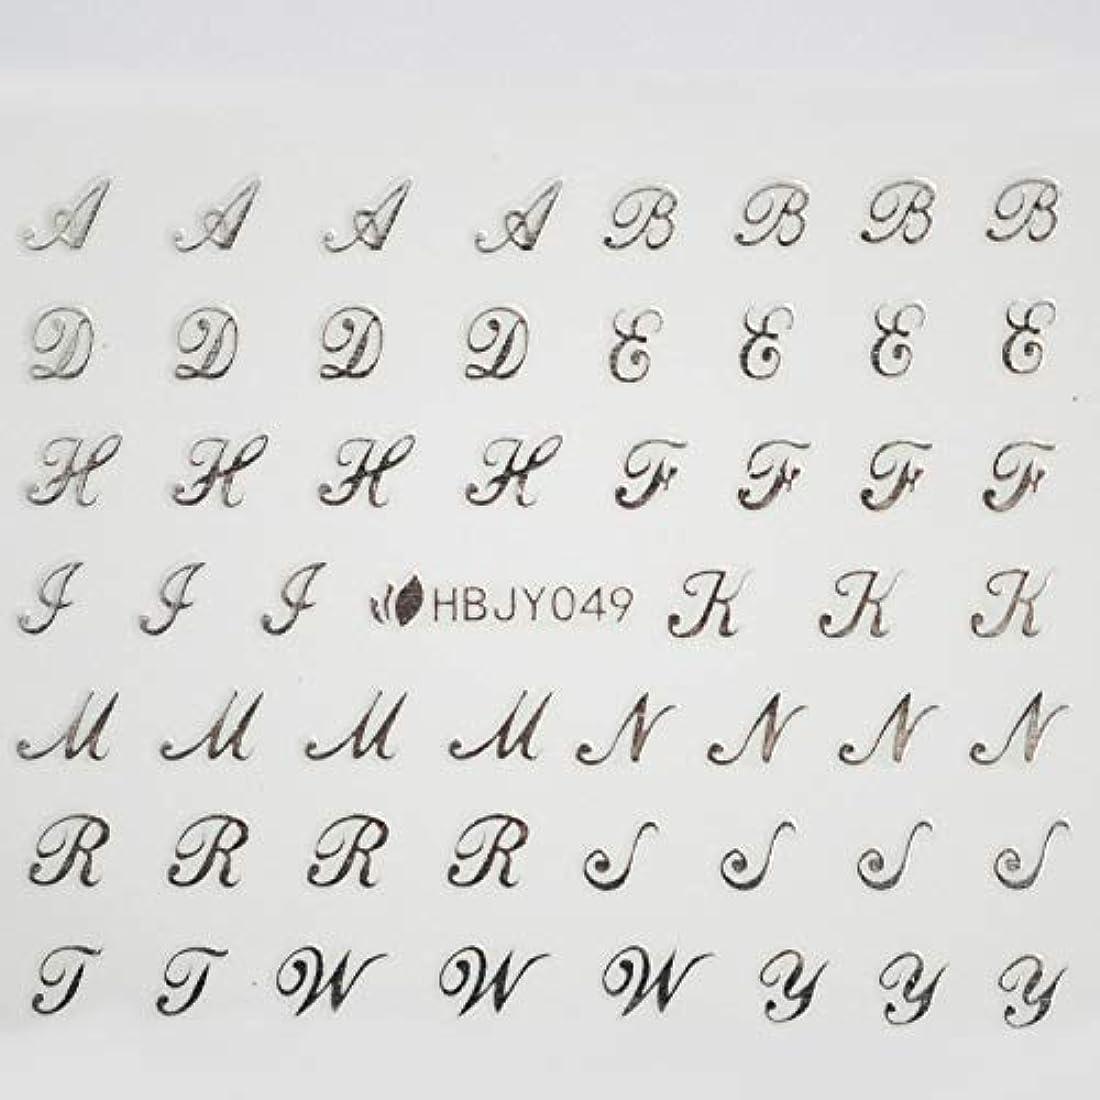 ナラーバー受益者医師アルファベットやメッセージ や 筆記体 や 数字 の ネイルシール ネイルステッカー (筆記体SILVER)